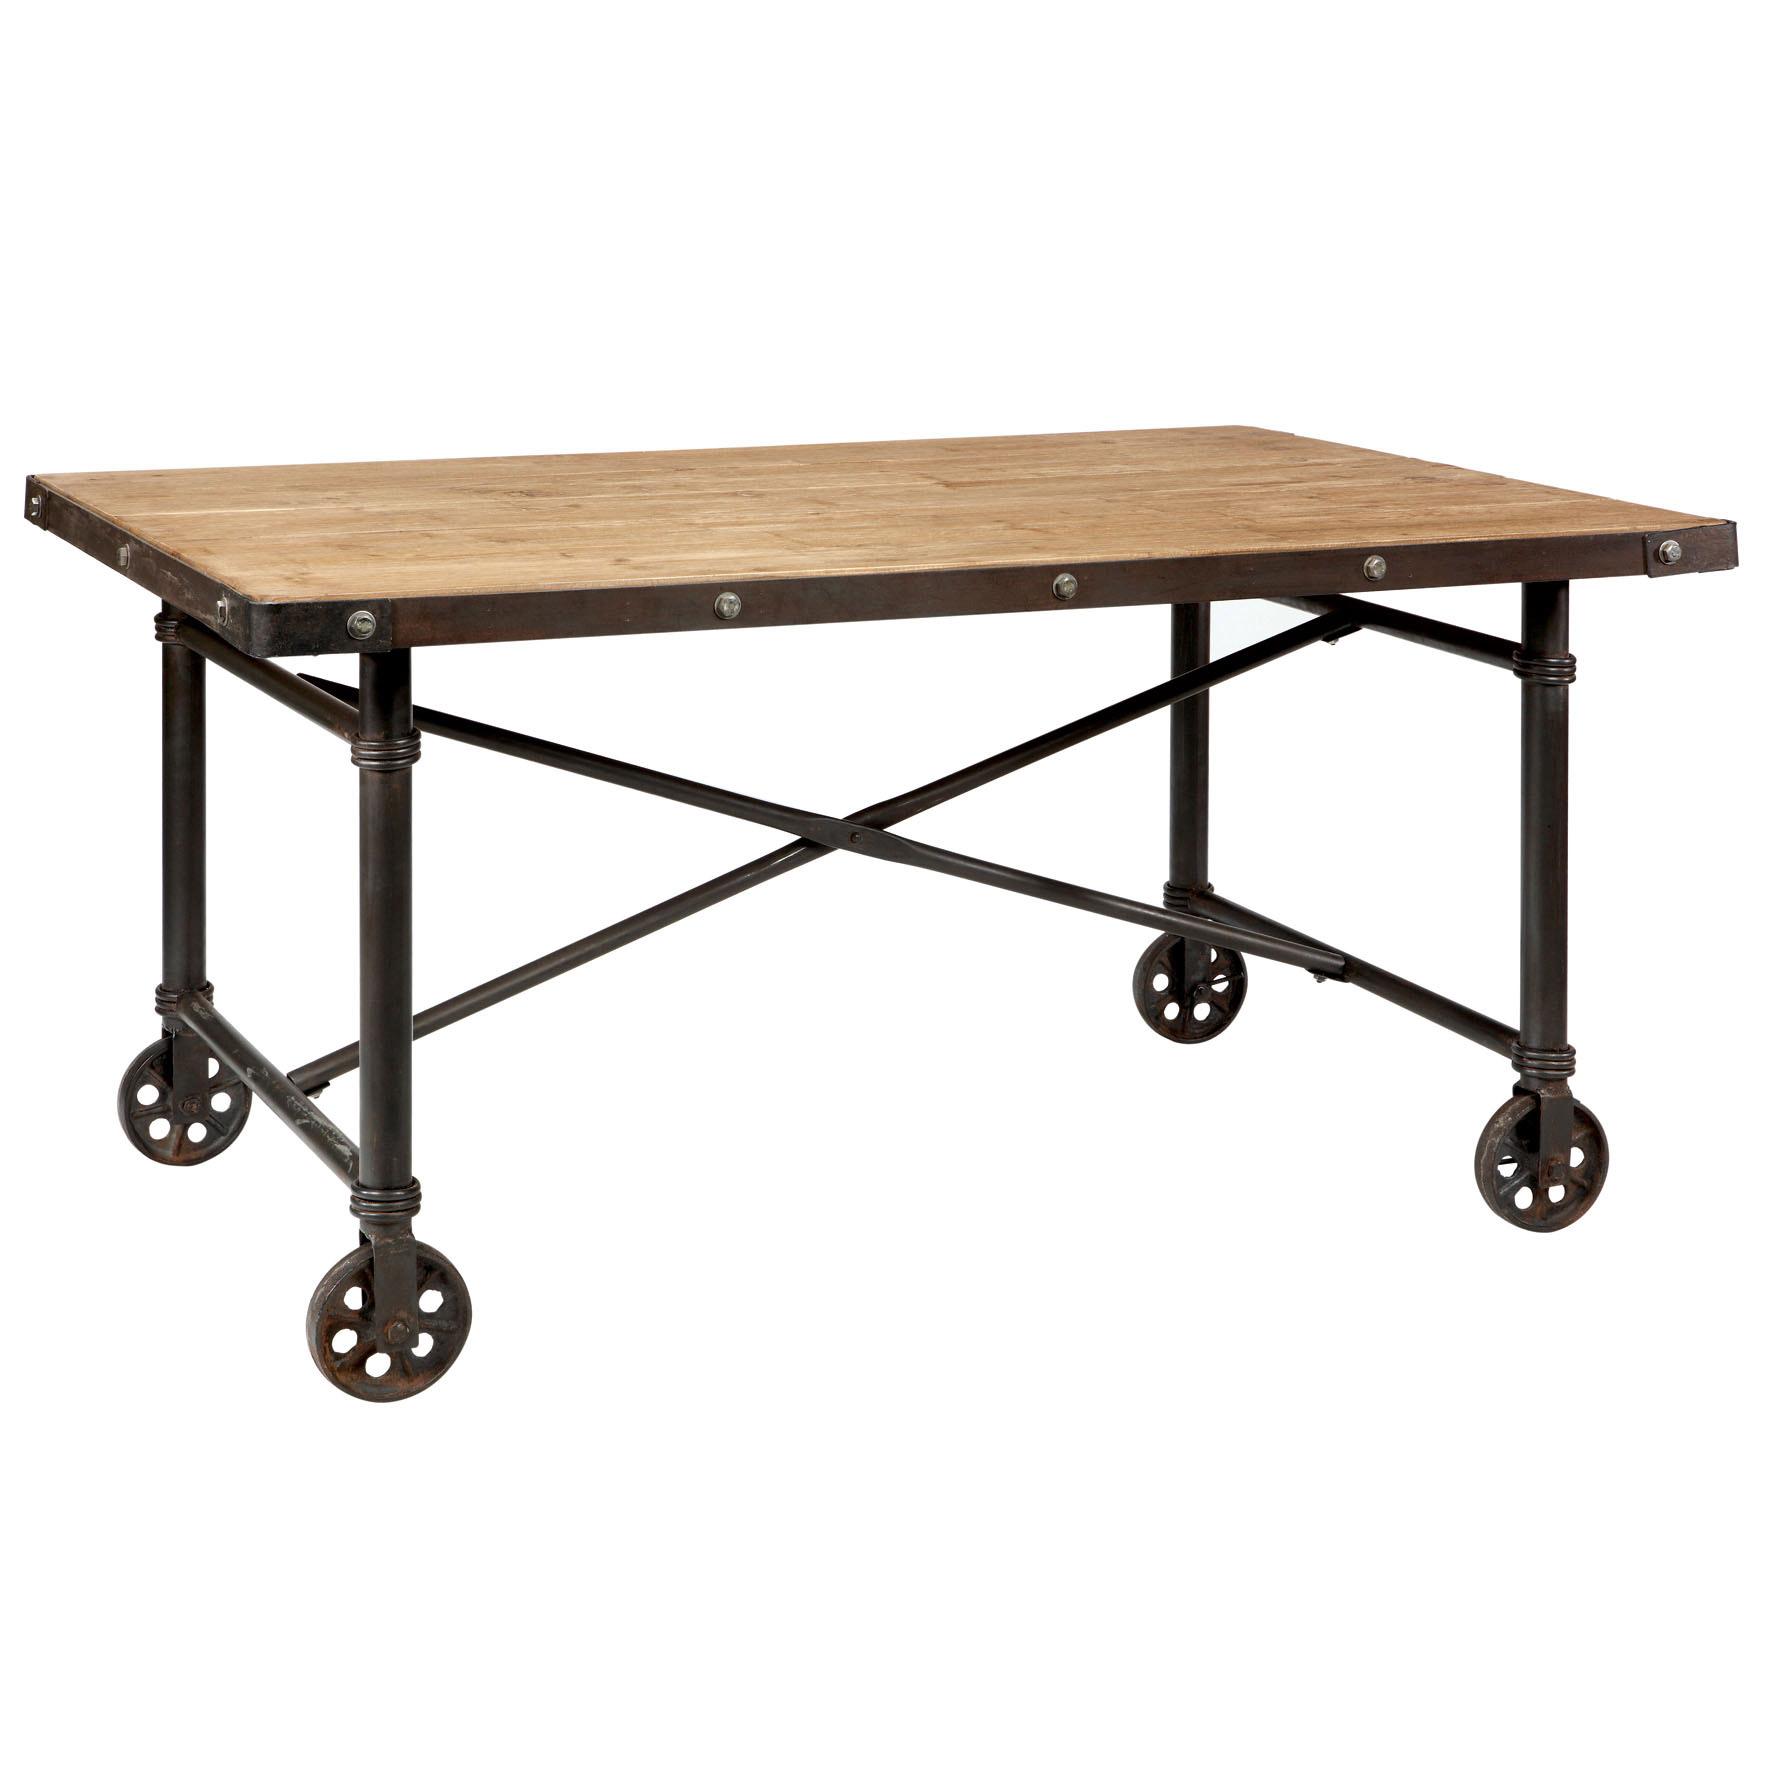 MOBILE Table manger roulettes en sur à Comptoir sapinmétal 3RqAjcS54L